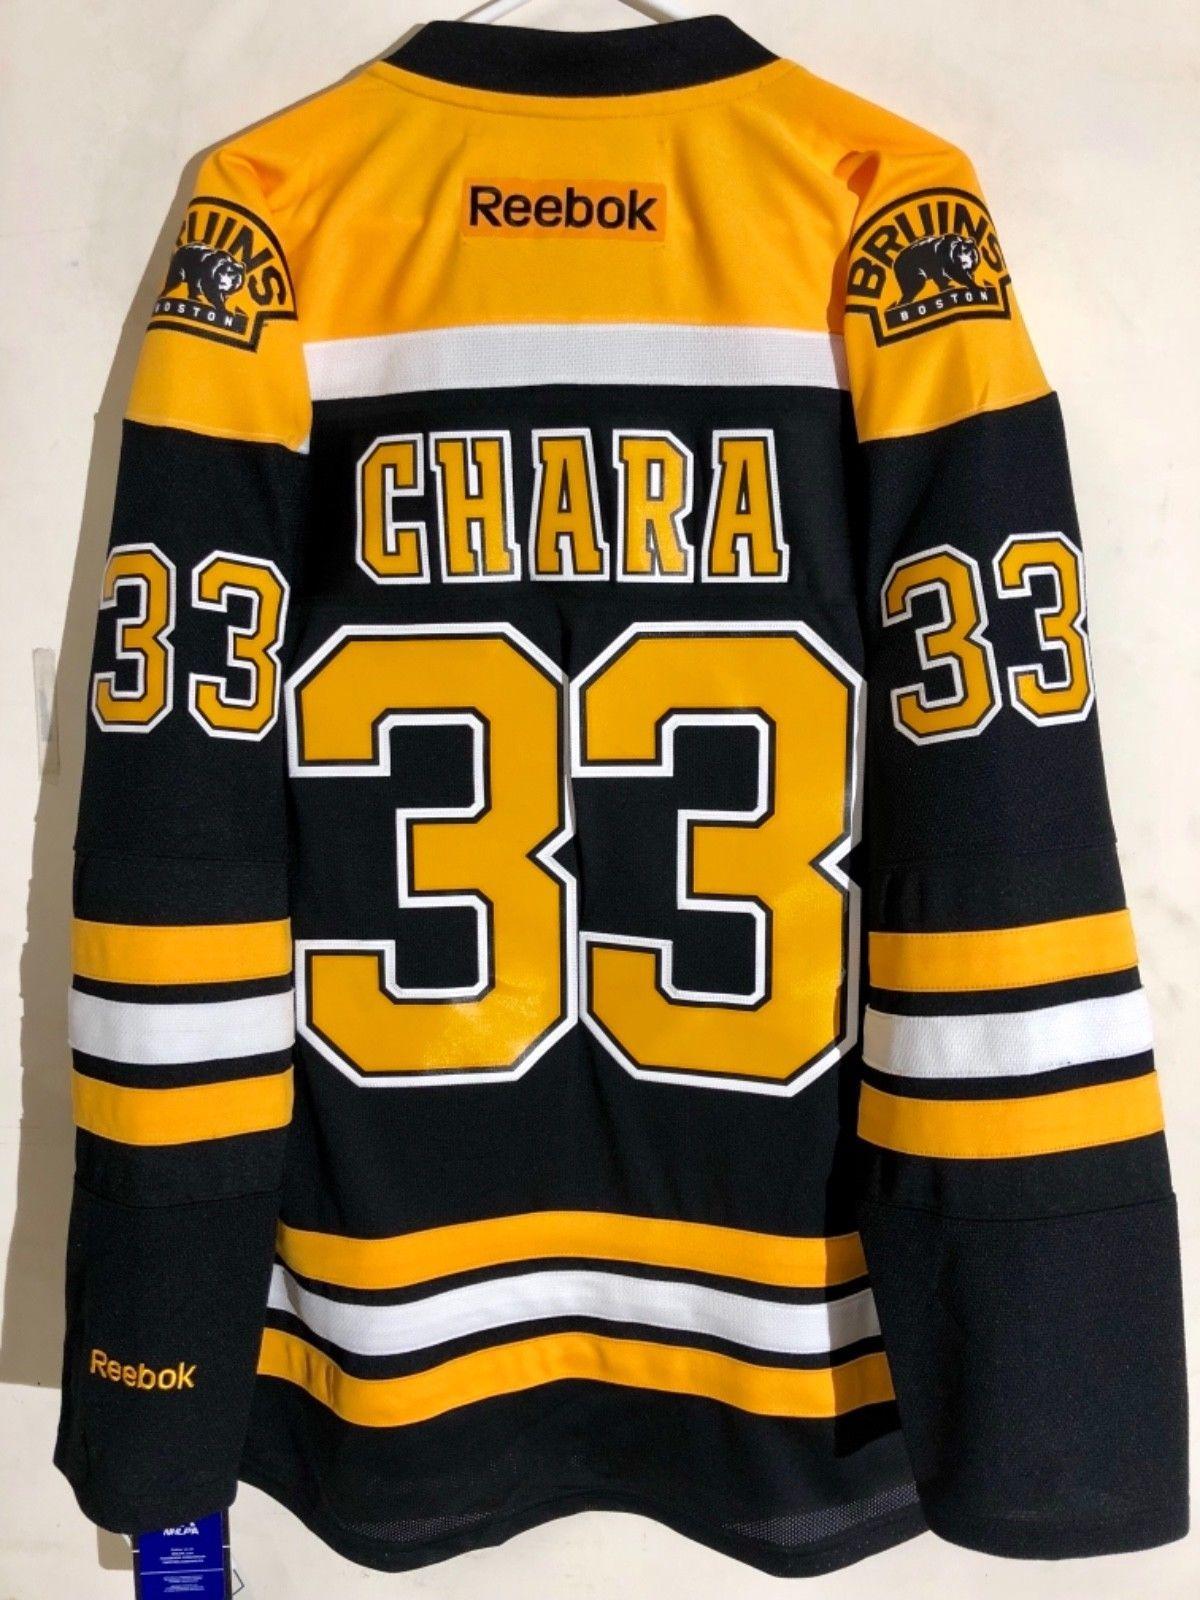 Details about Reebok Premier NHL Jersey Boston Bruins Zdeno Chara ... 28097ff33